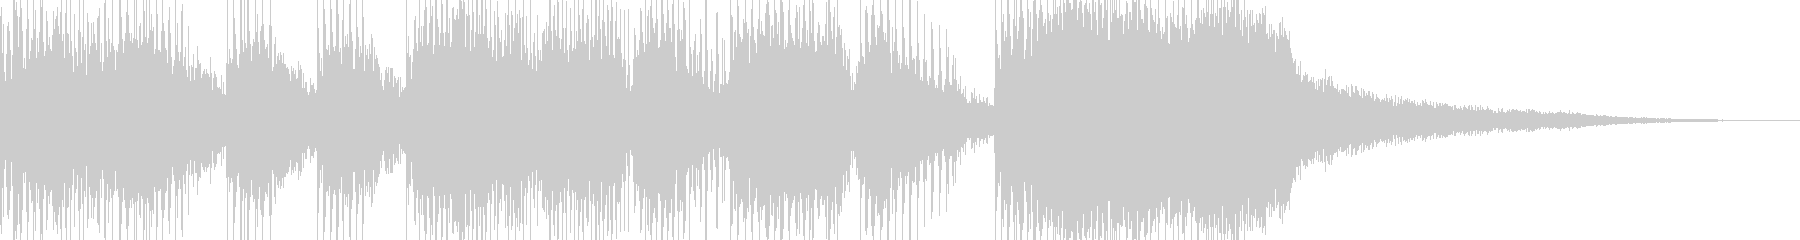 発展ジングル(5sec)の未再生の波形